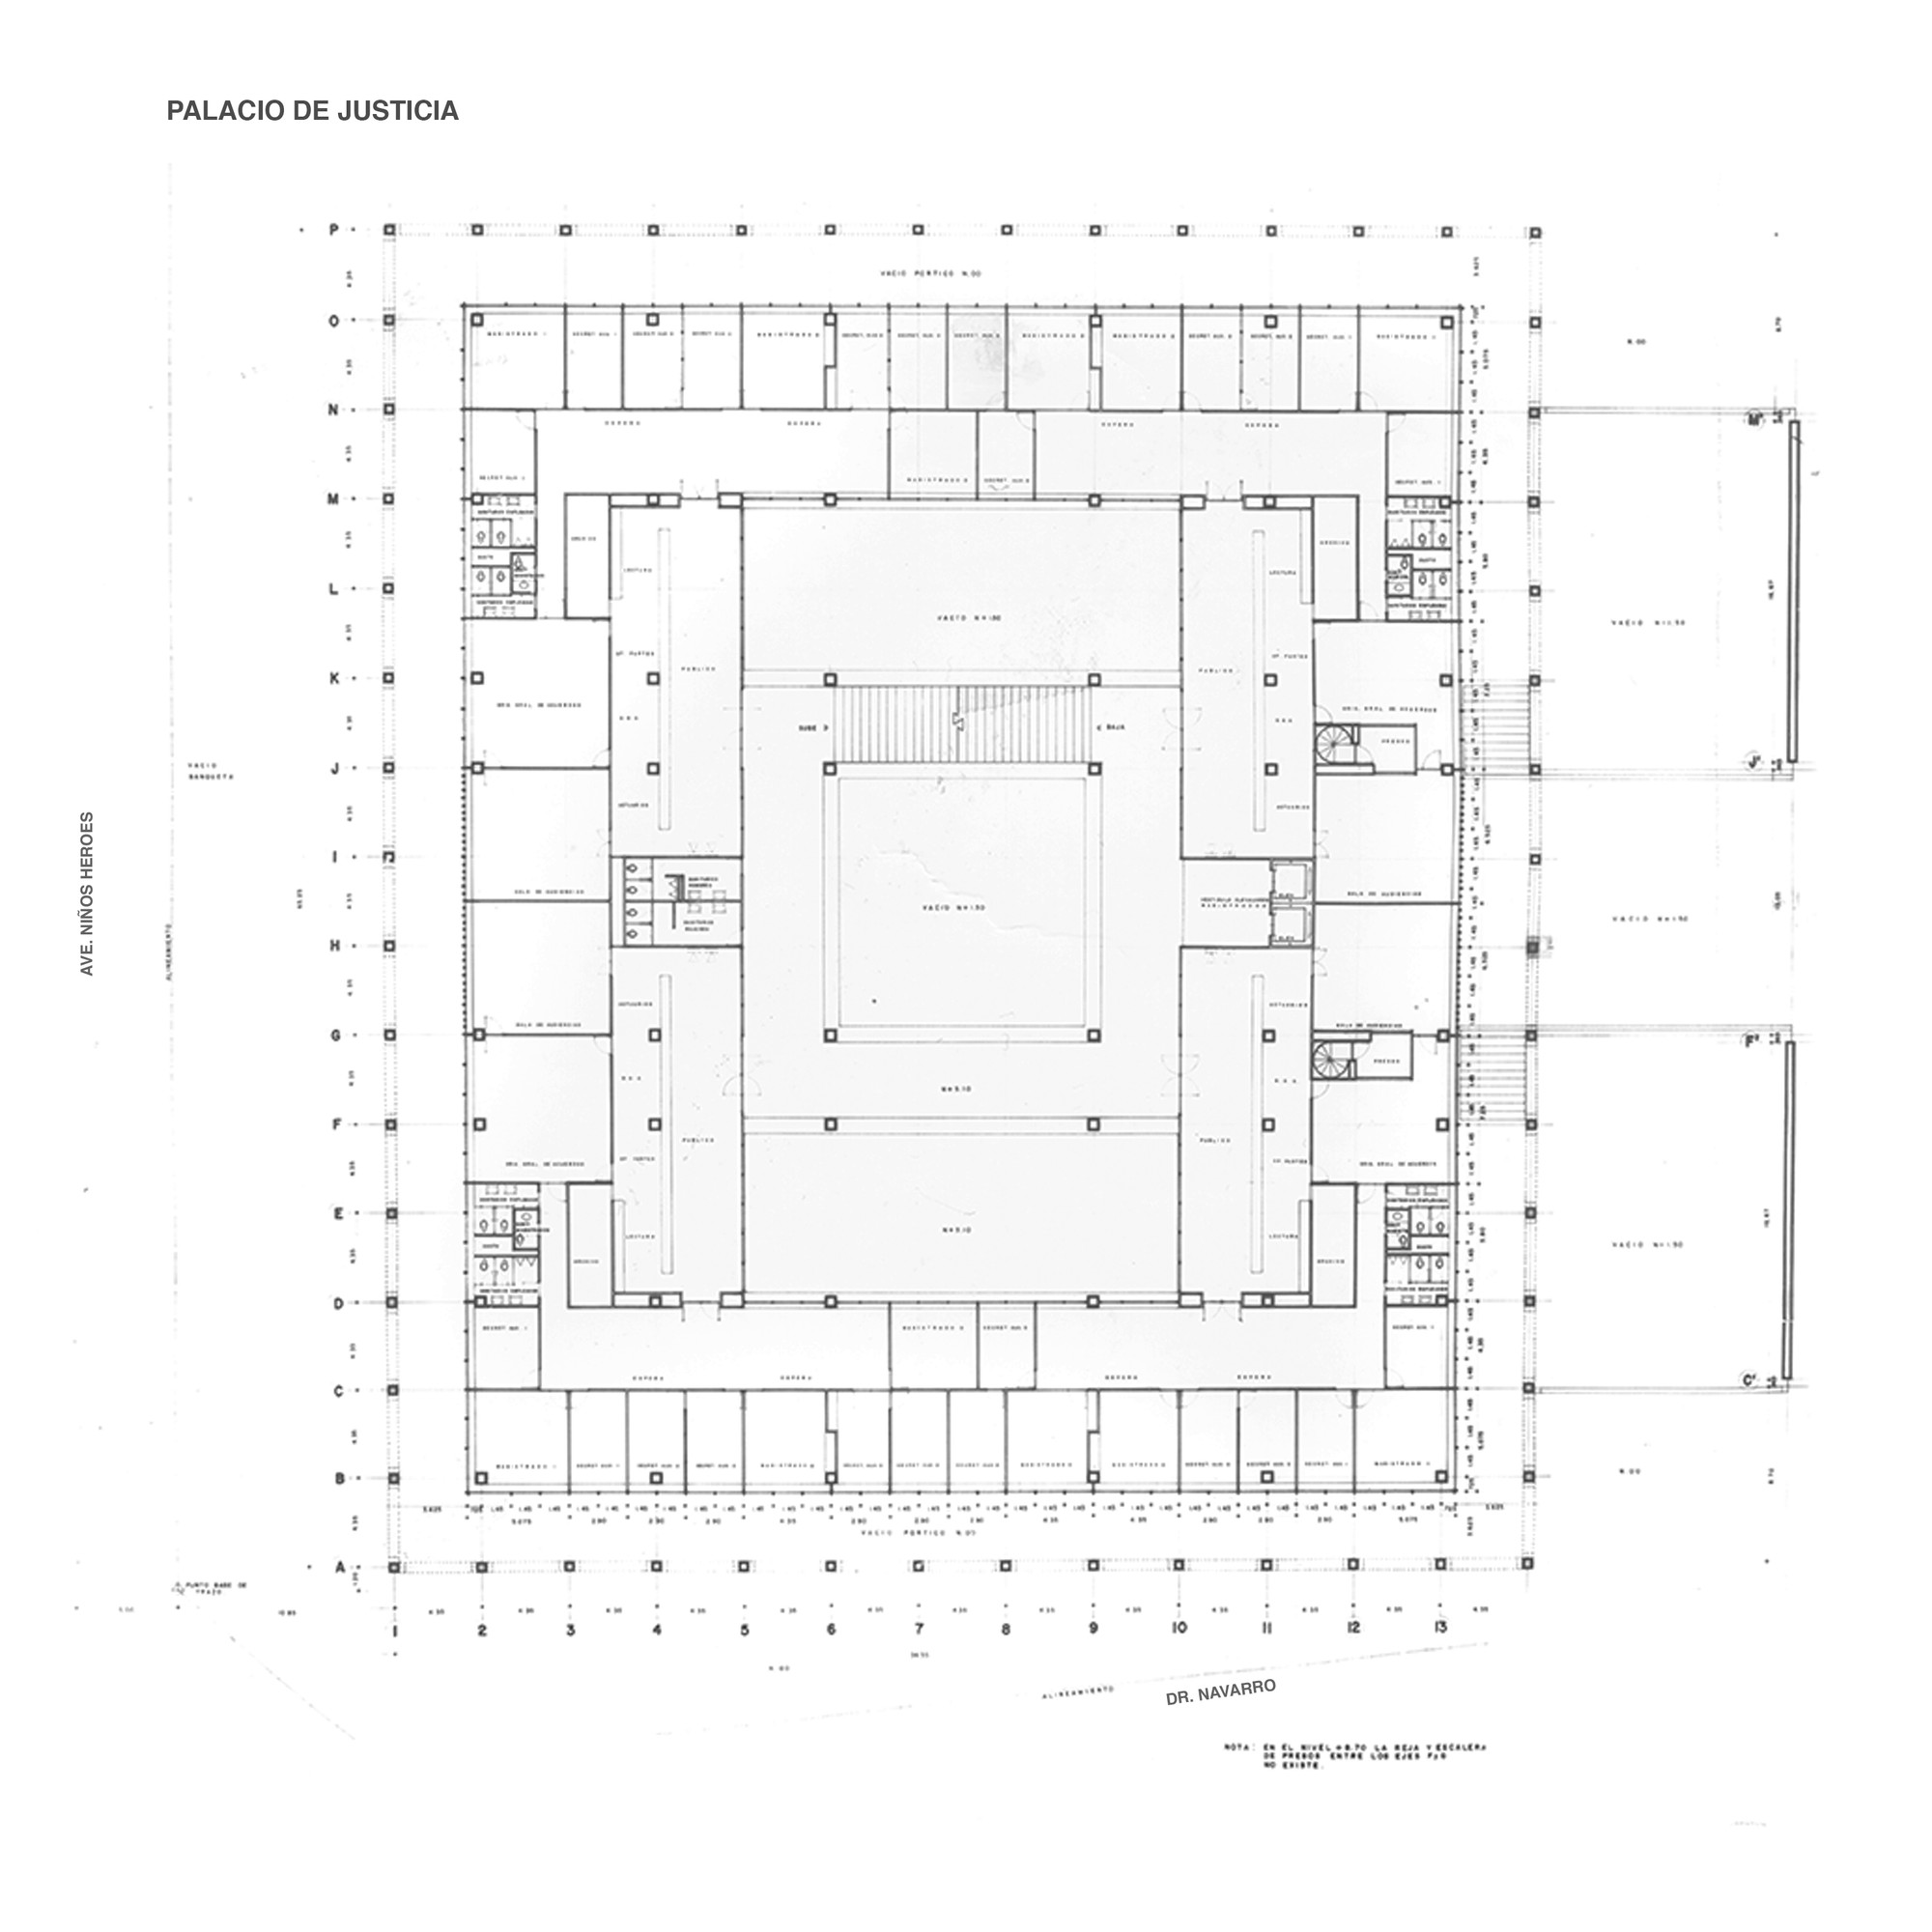 Clásicos de Arquitectura: Palacio de Justicia / Juan Sordo Madaleno